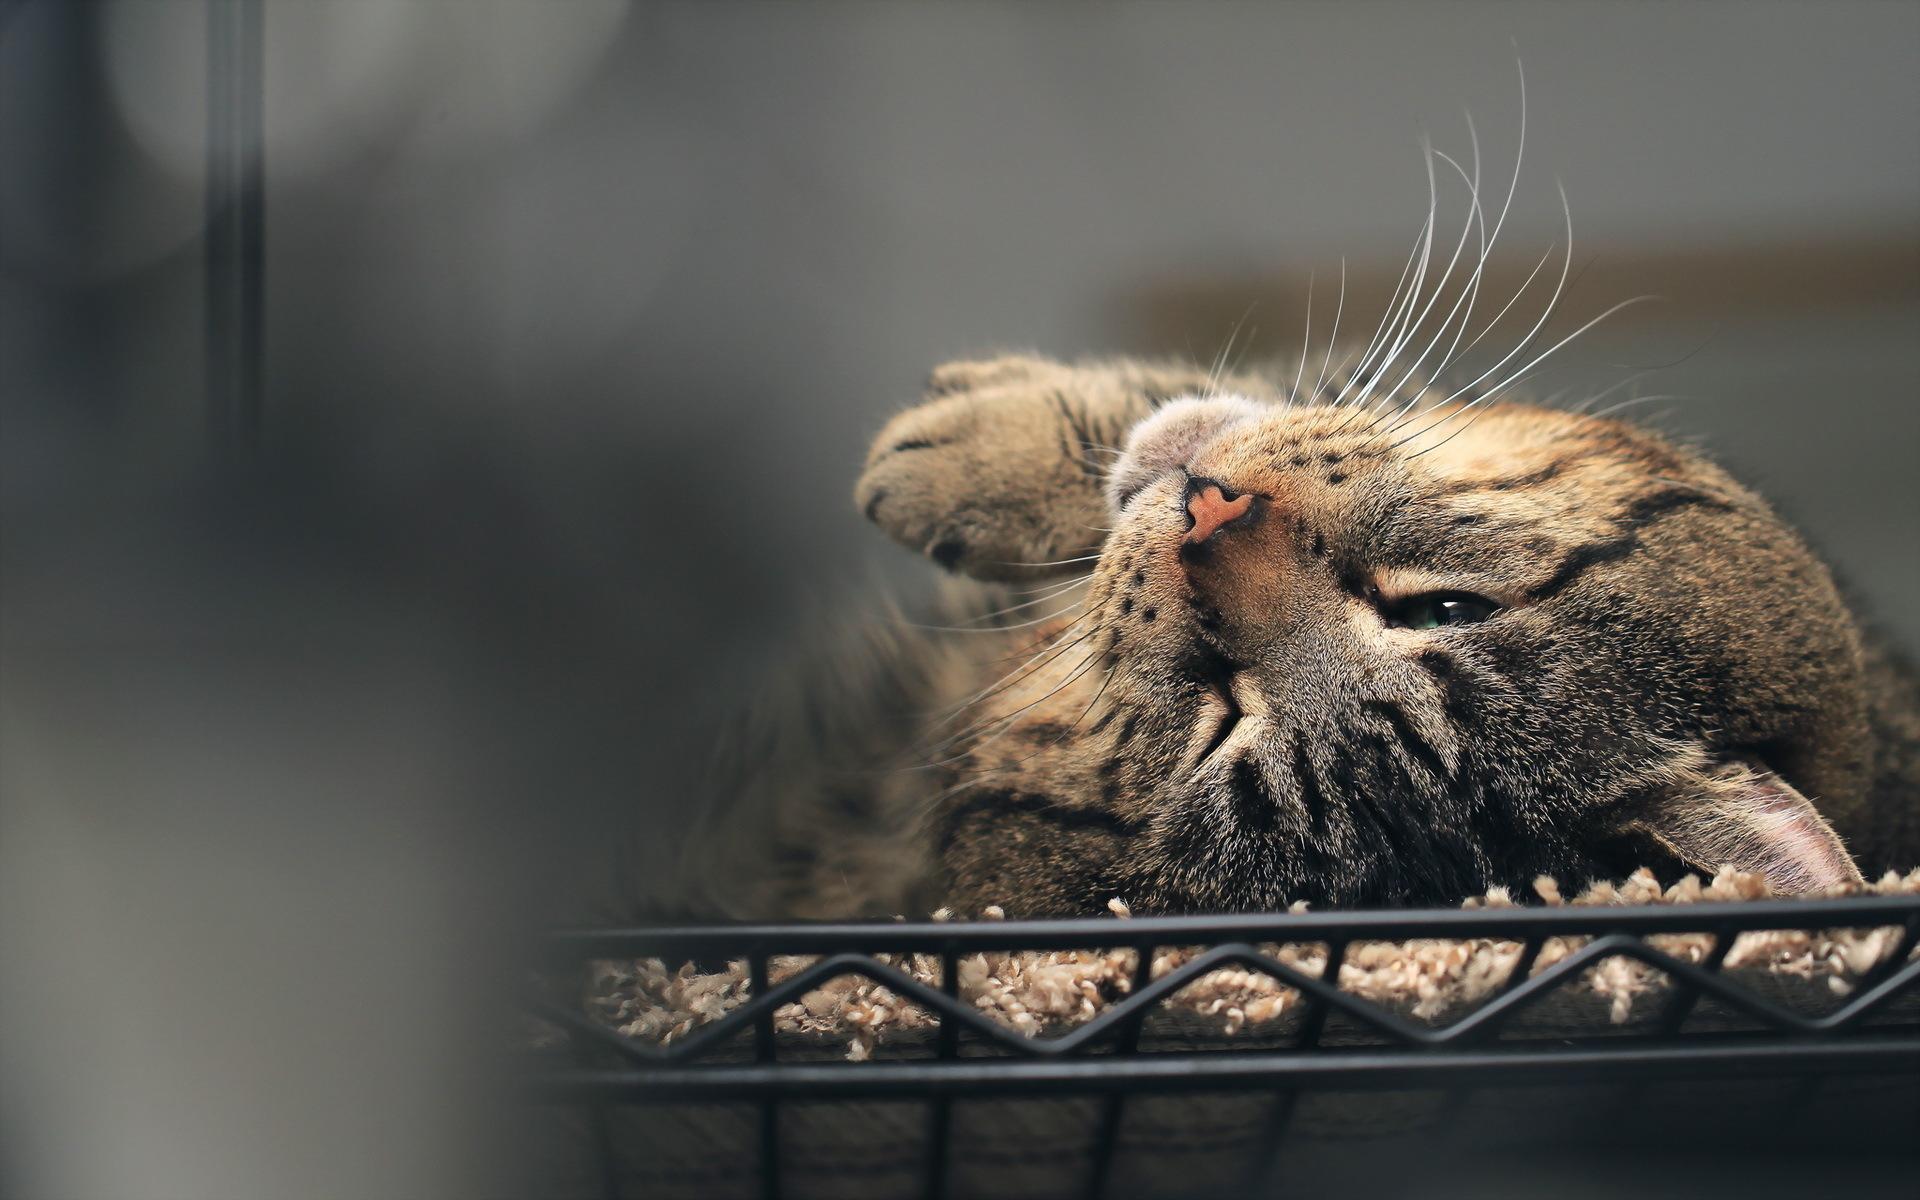 кот животное котенок постель скачать